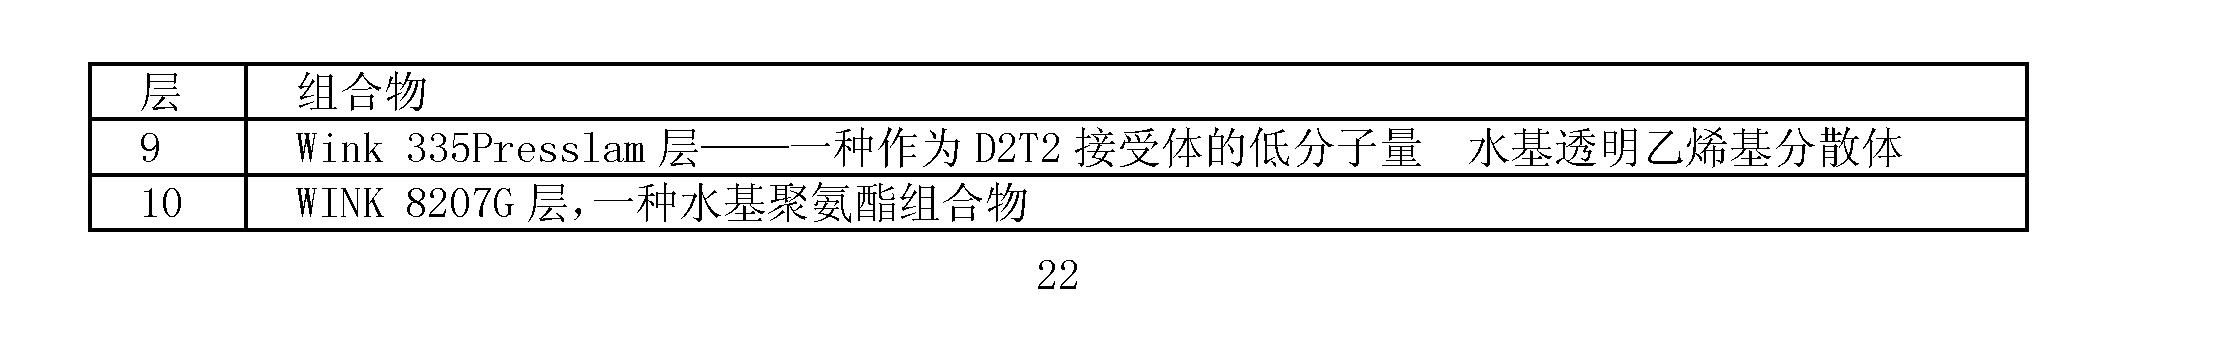 Figure CN101573242BD00224